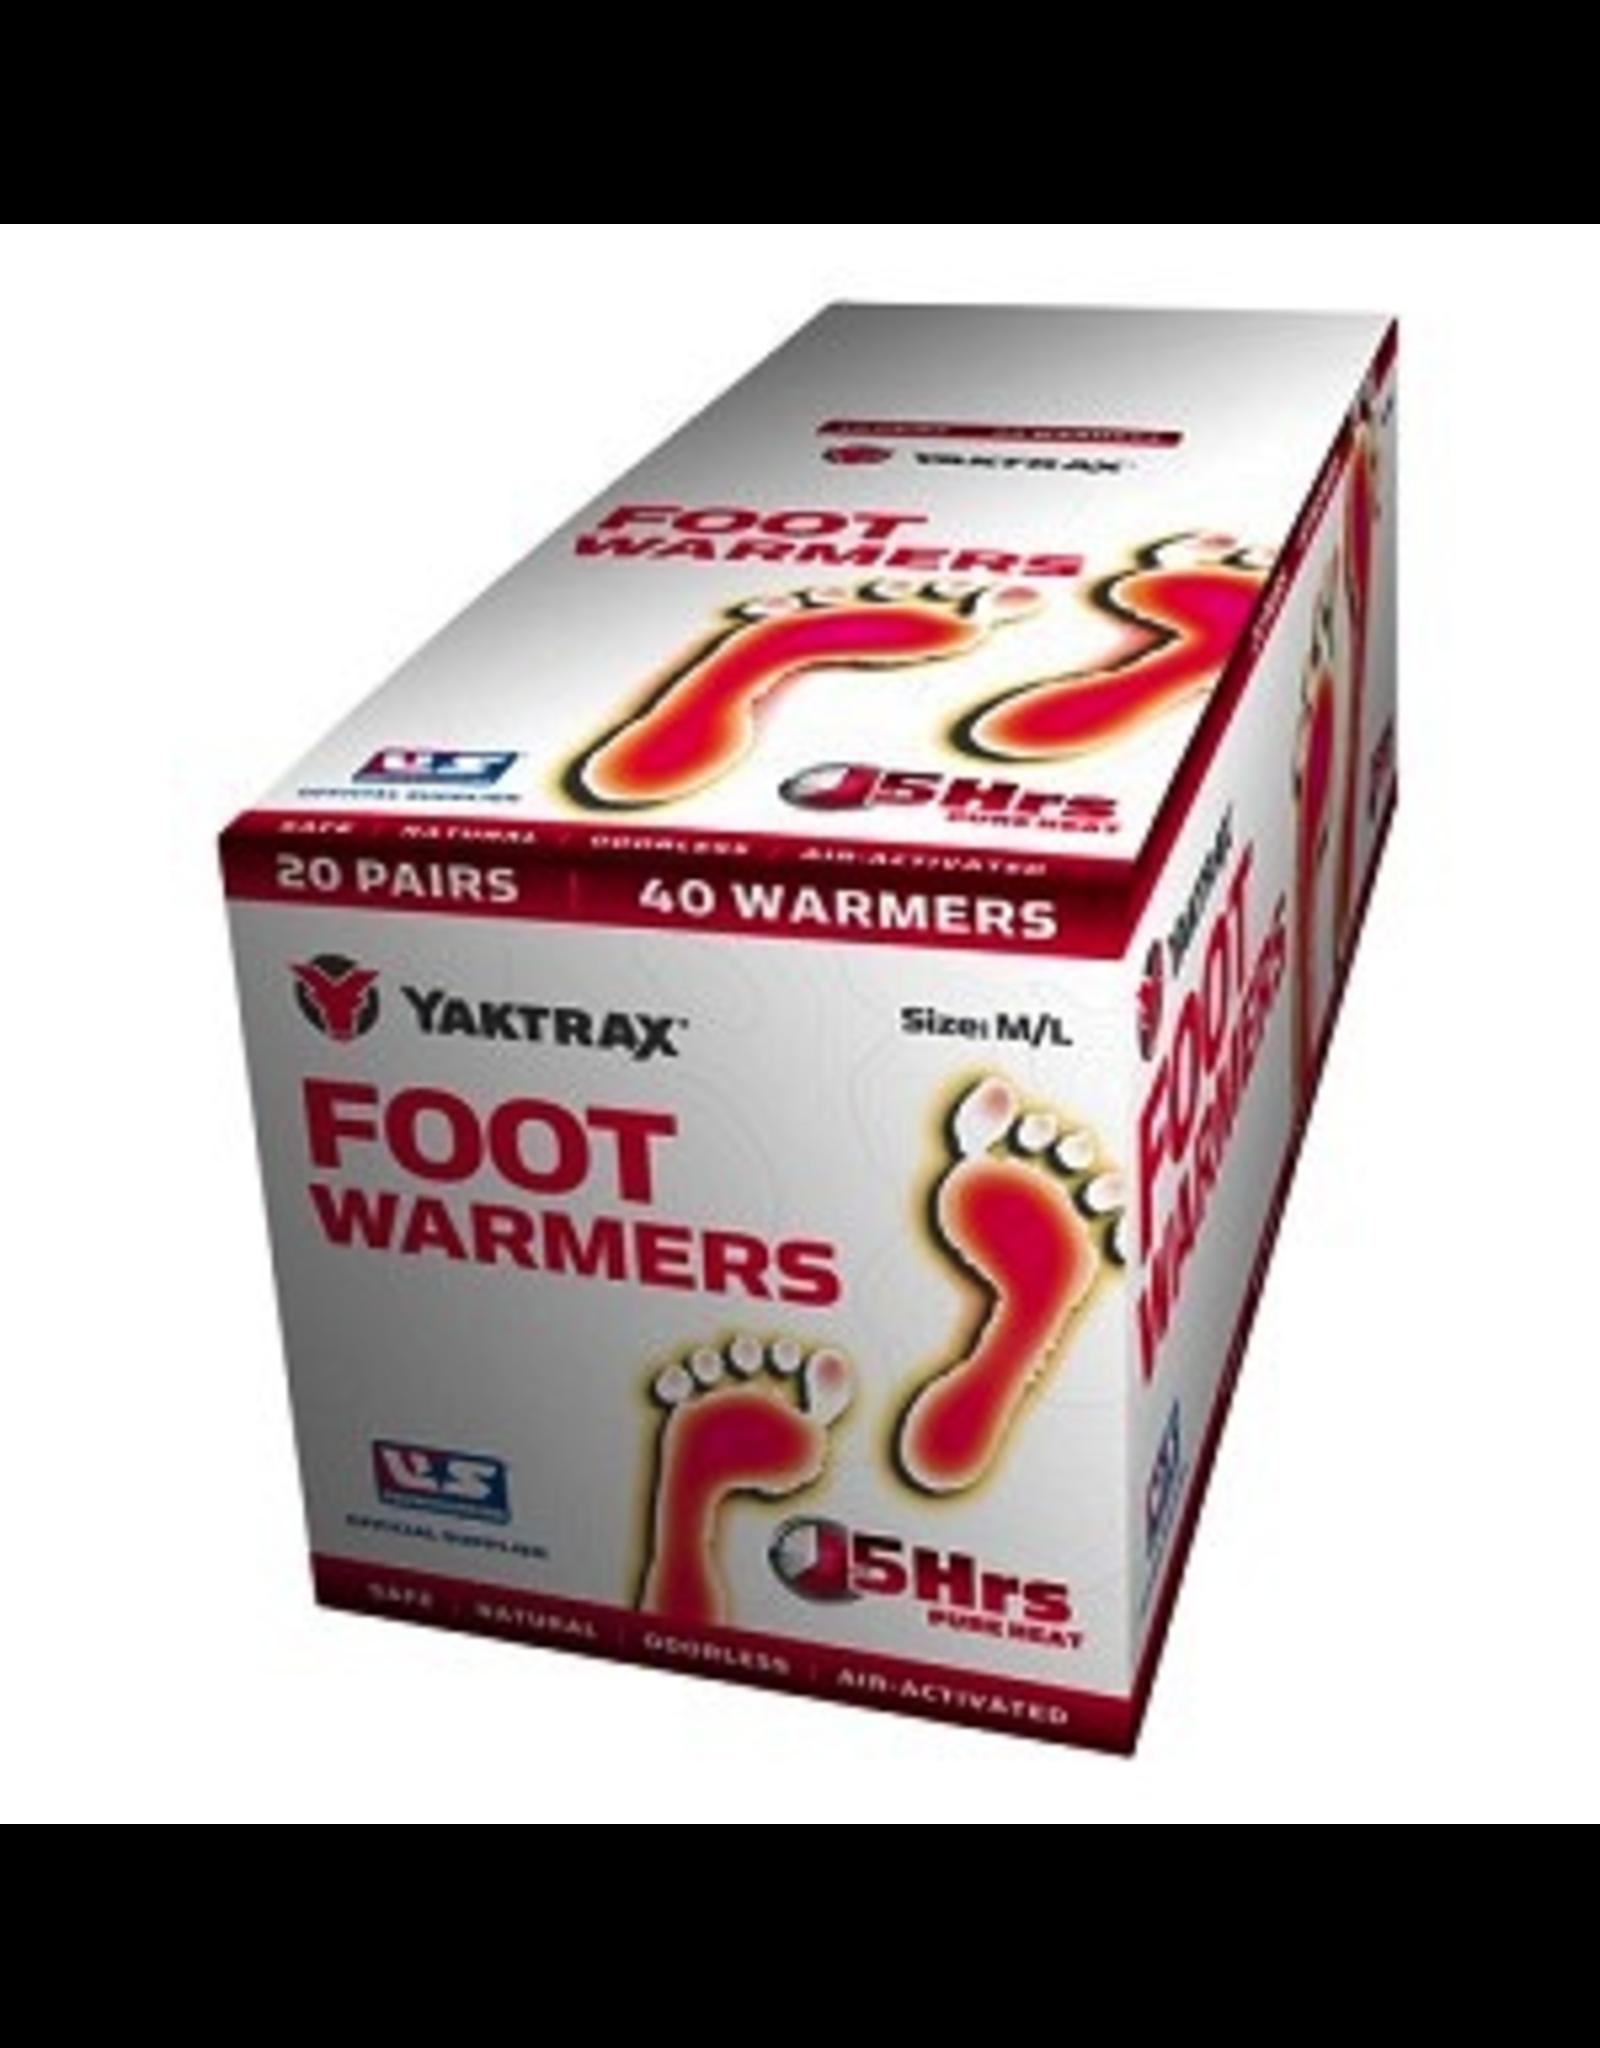 YakTrax YakTrax Foot Warmer Size M/L